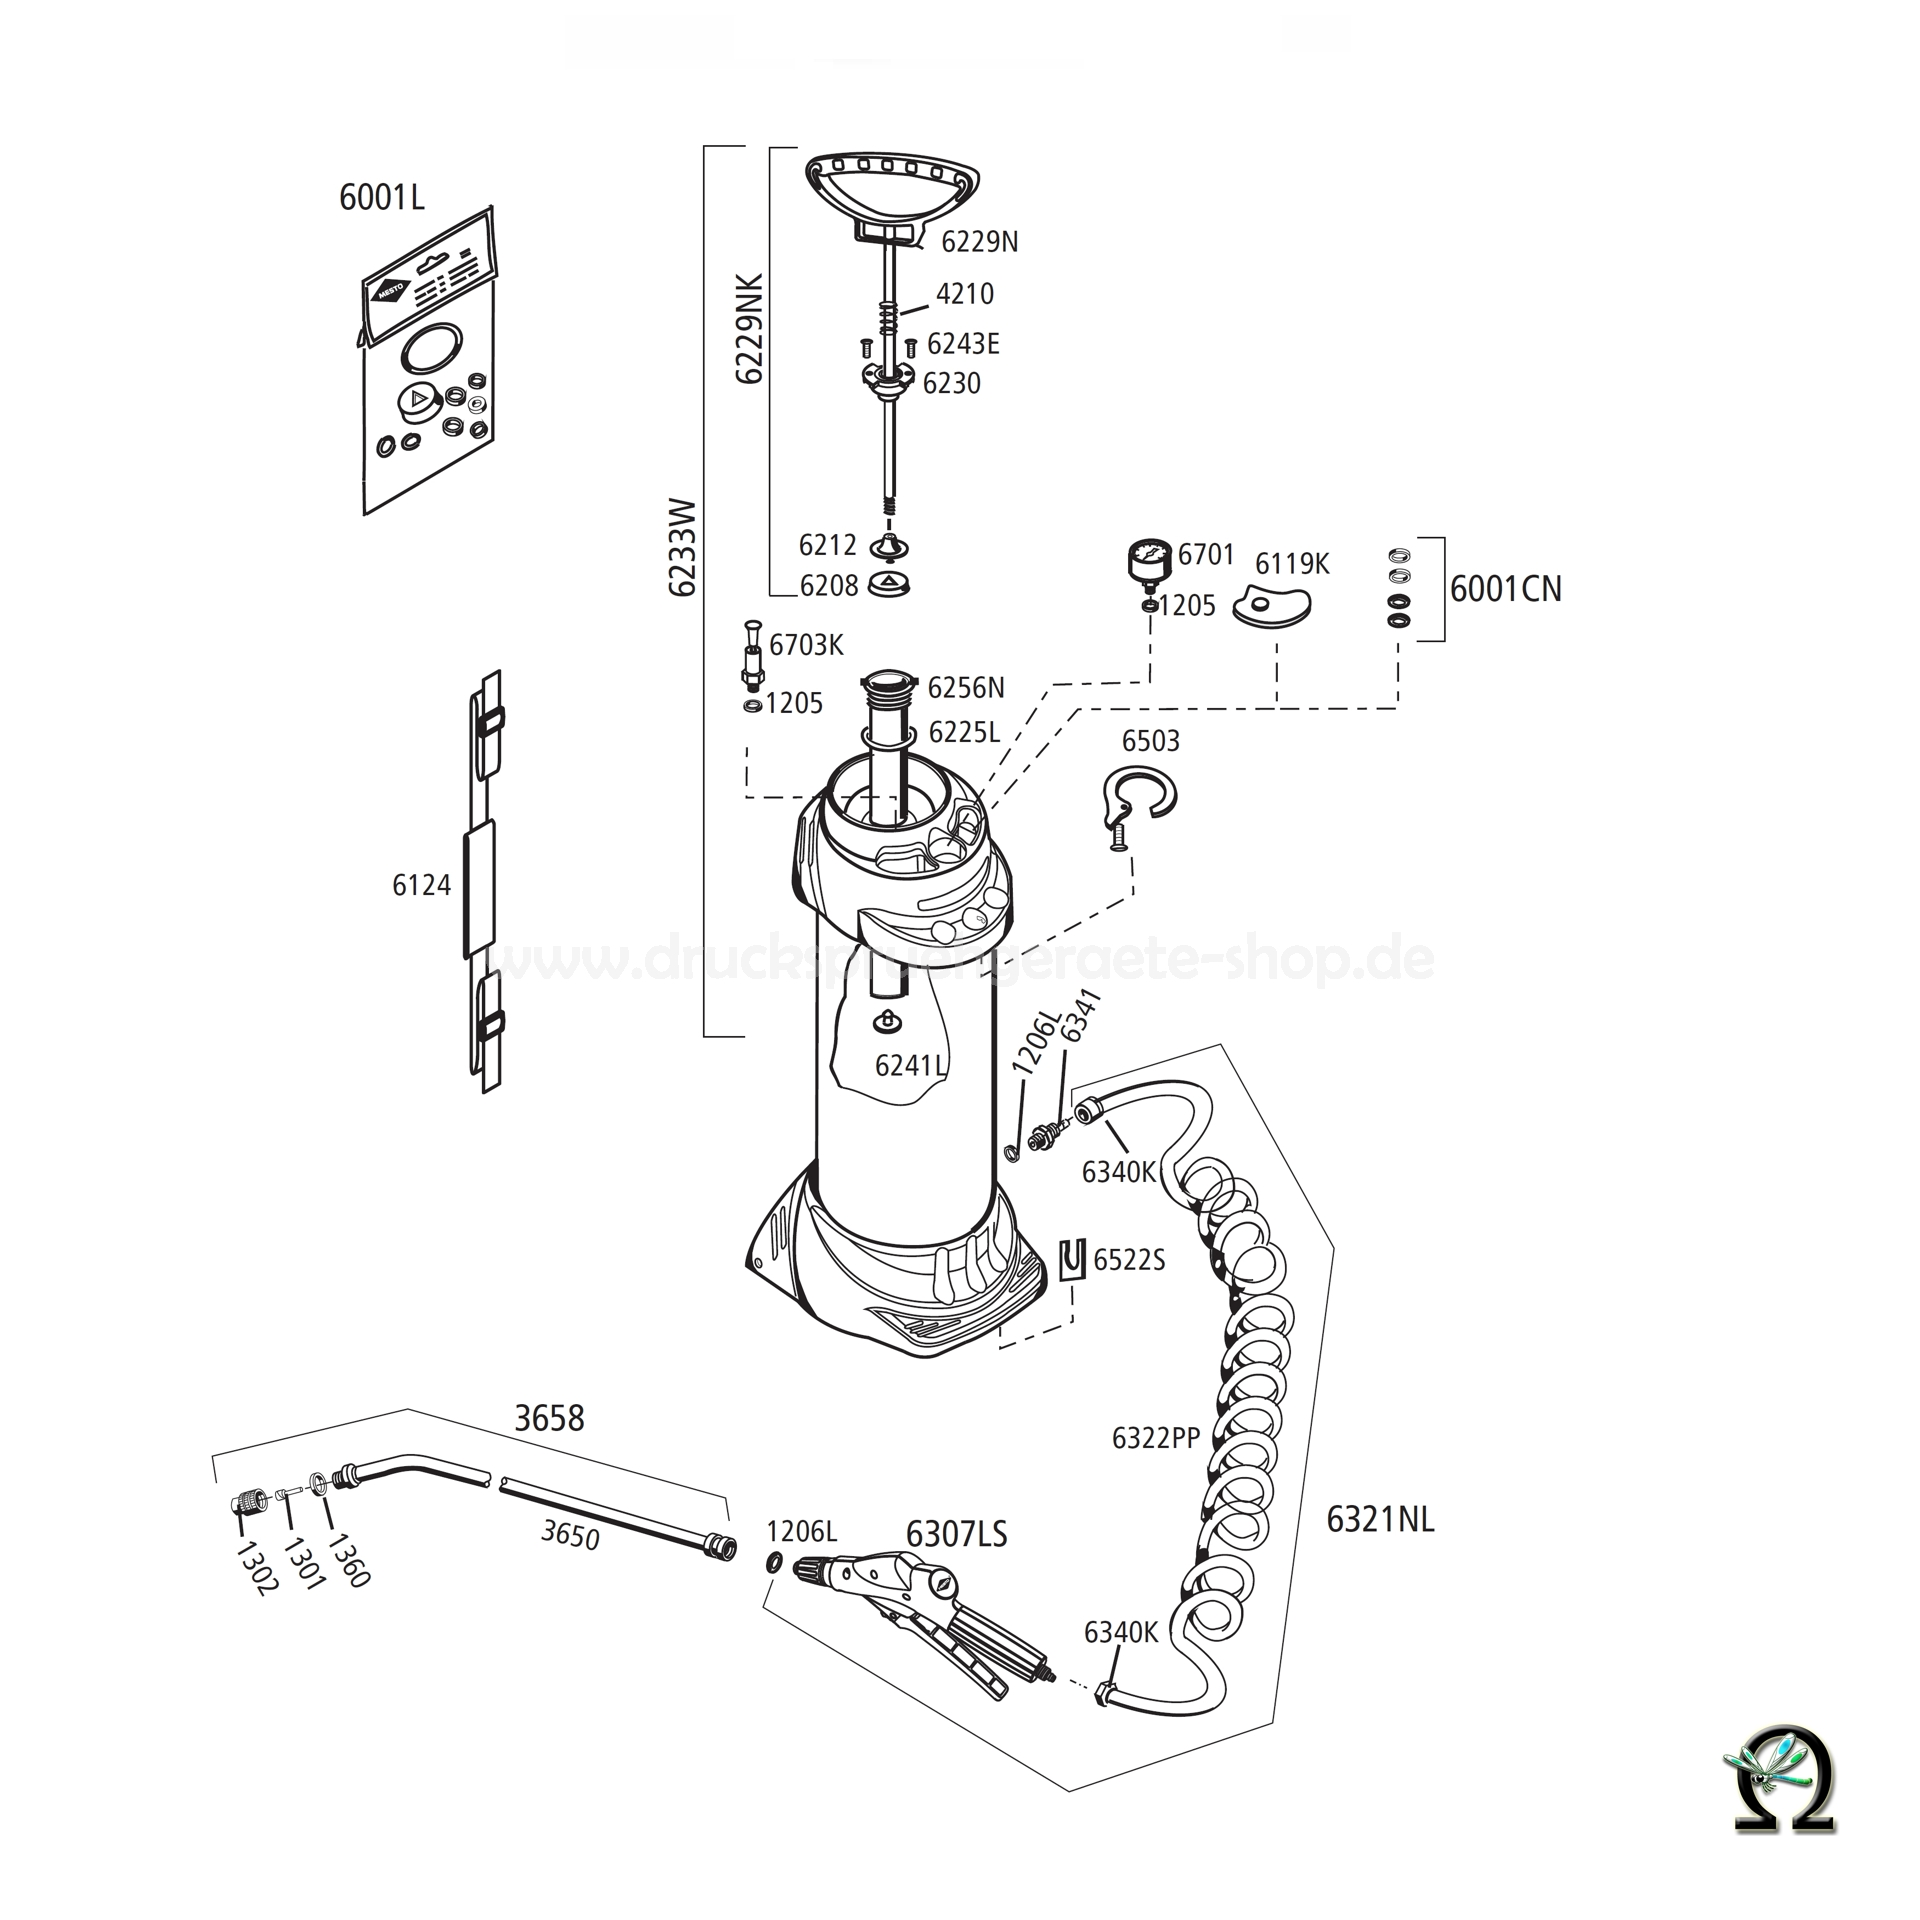 Mesto Hochdrucksprühgerät INOX 3595 - 5 Liter, Zeichnung der Einzelteile